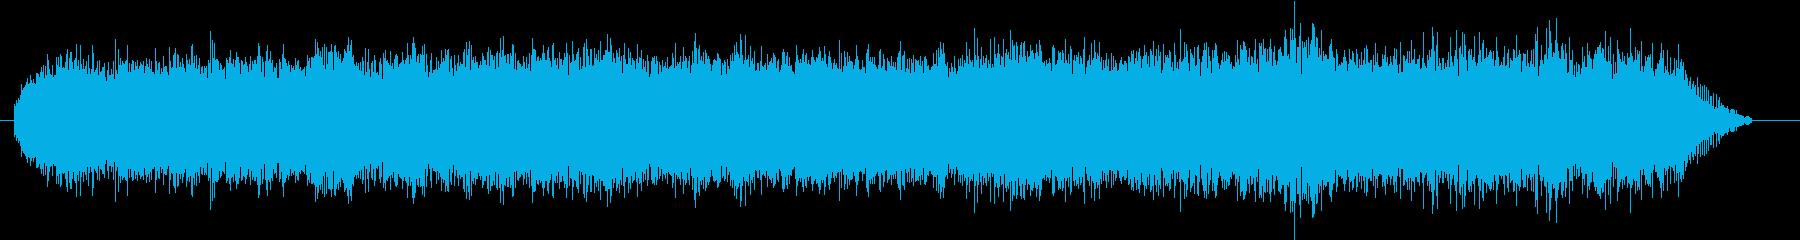 振動サンダー:開始、中圧の砂、シャ...の再生済みの波形